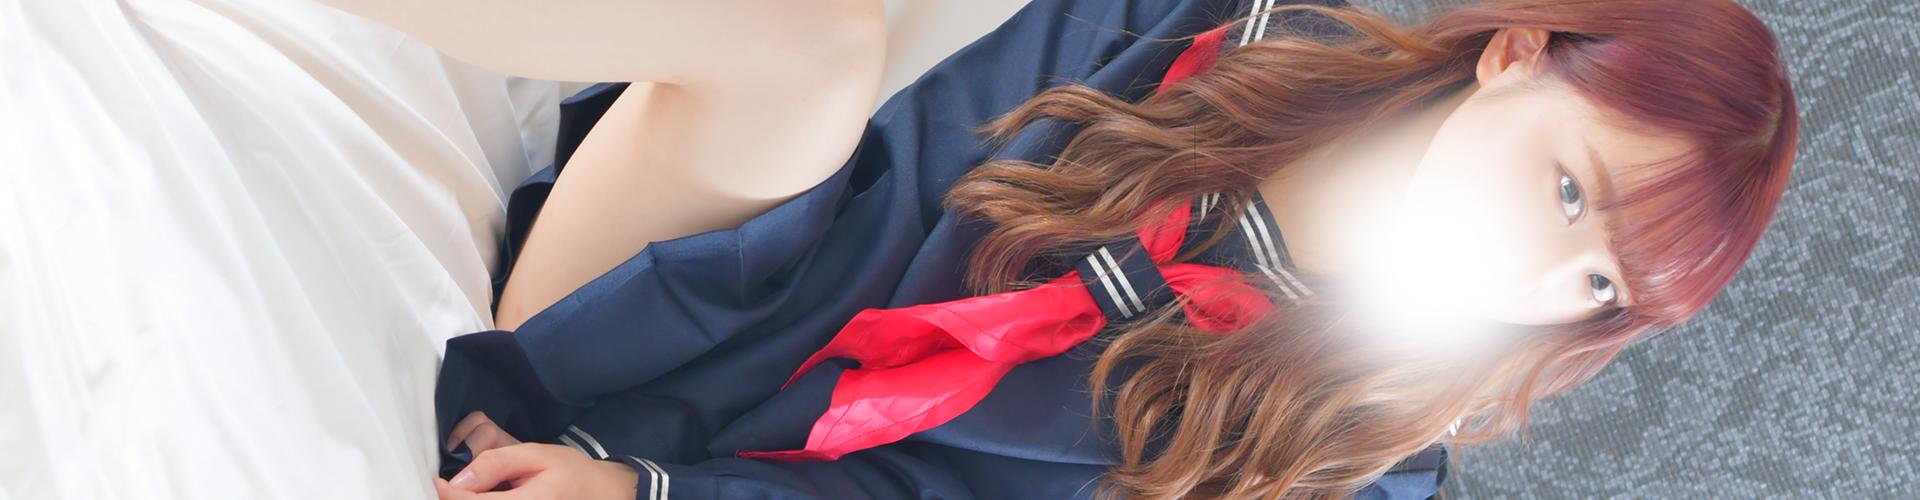 千葉風俗・千葉市発デリヘル風俗【キャンパスサミット千葉店】モデルルキア写真